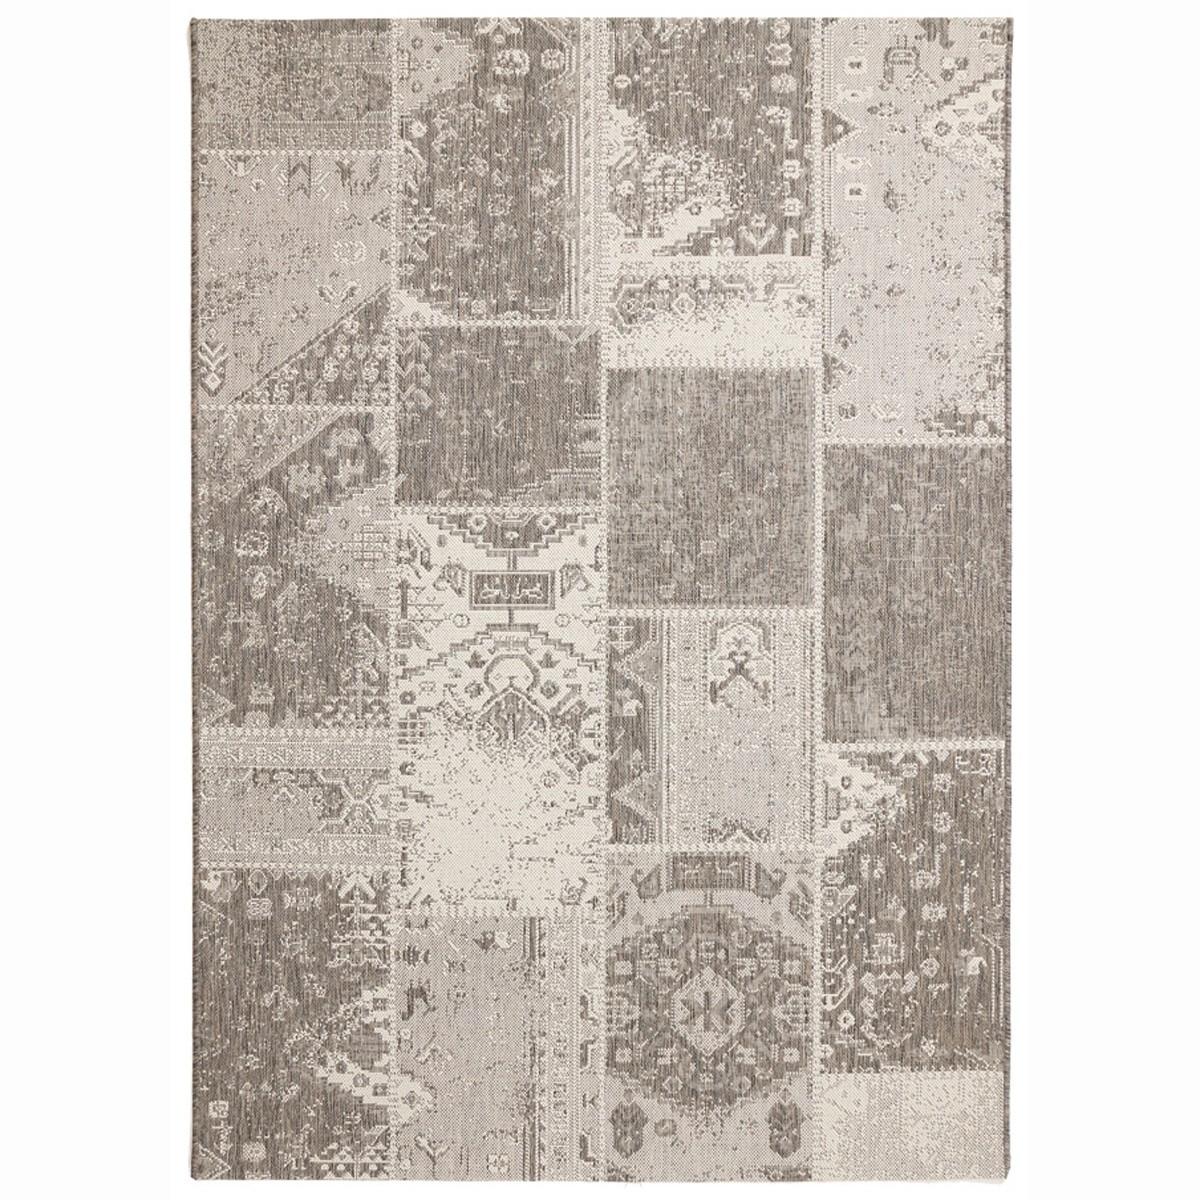 Καλοκαιρινό Χαλί (133x190) Royal Carpets Sand 2482 E